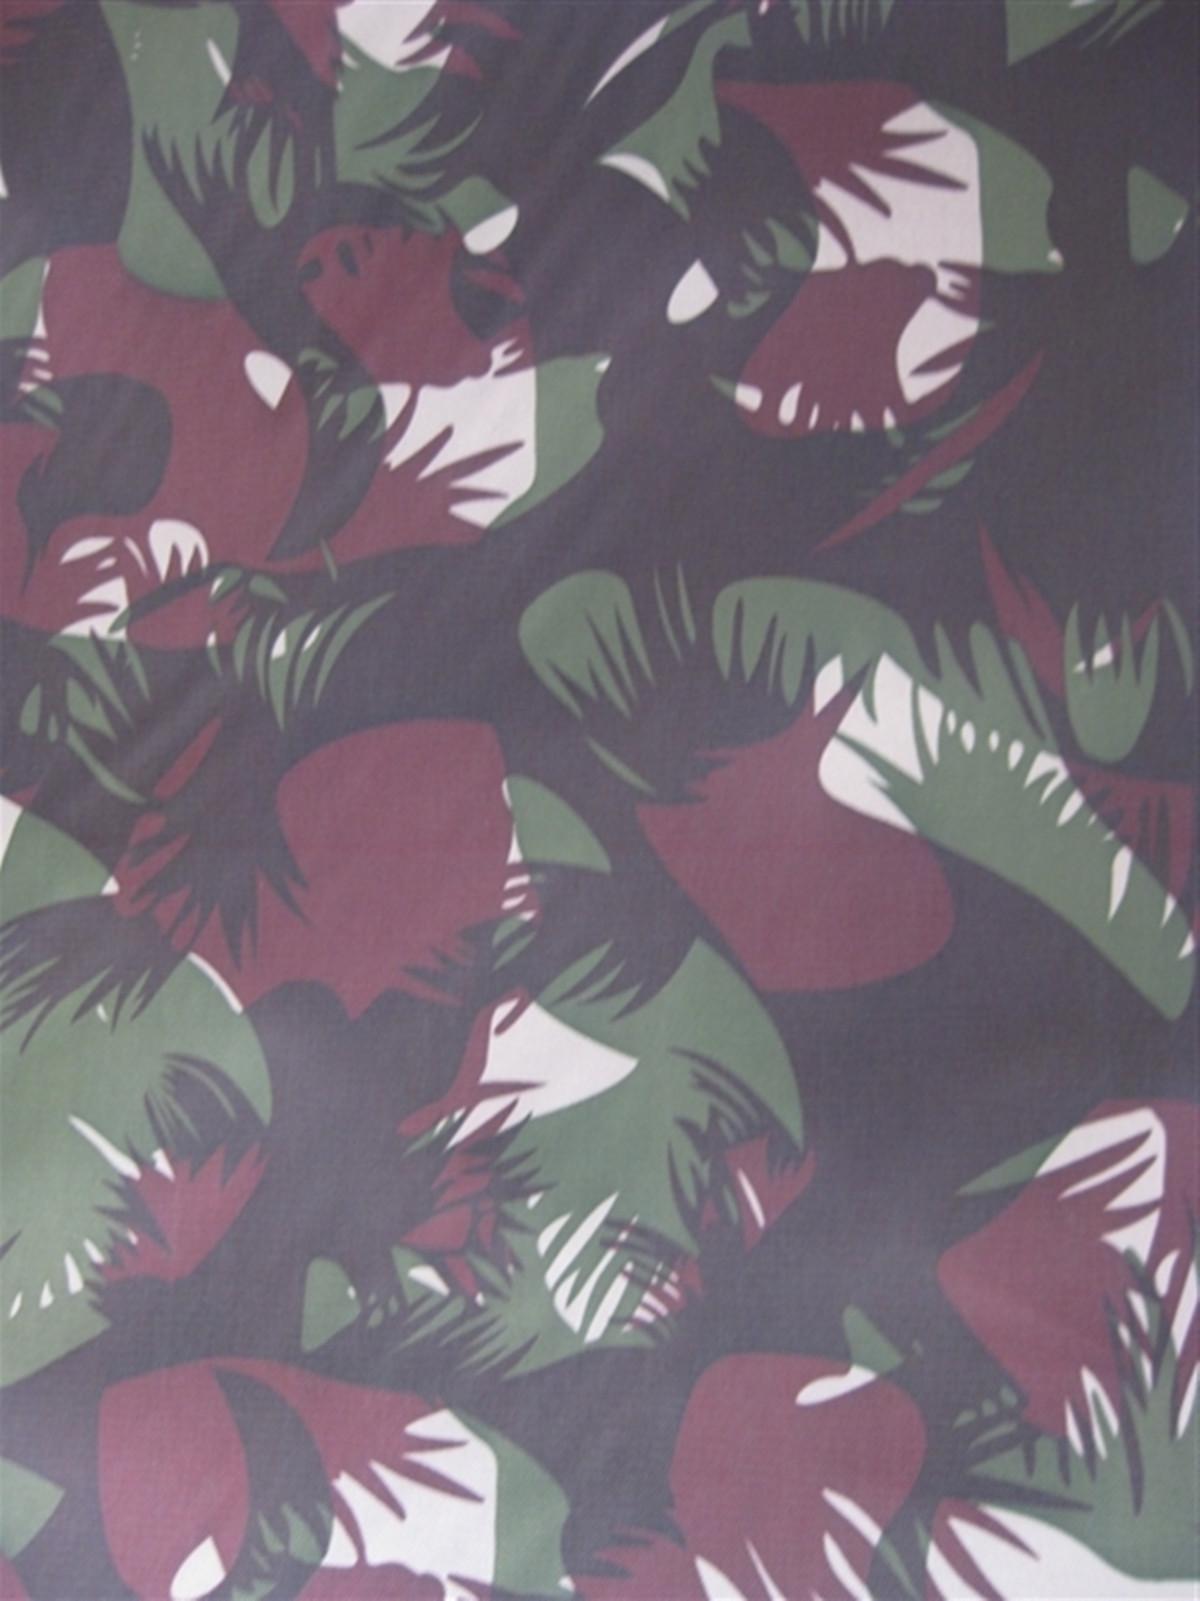 600D大树叶 大森林树叶花 牛津布涂层pvc图片十二